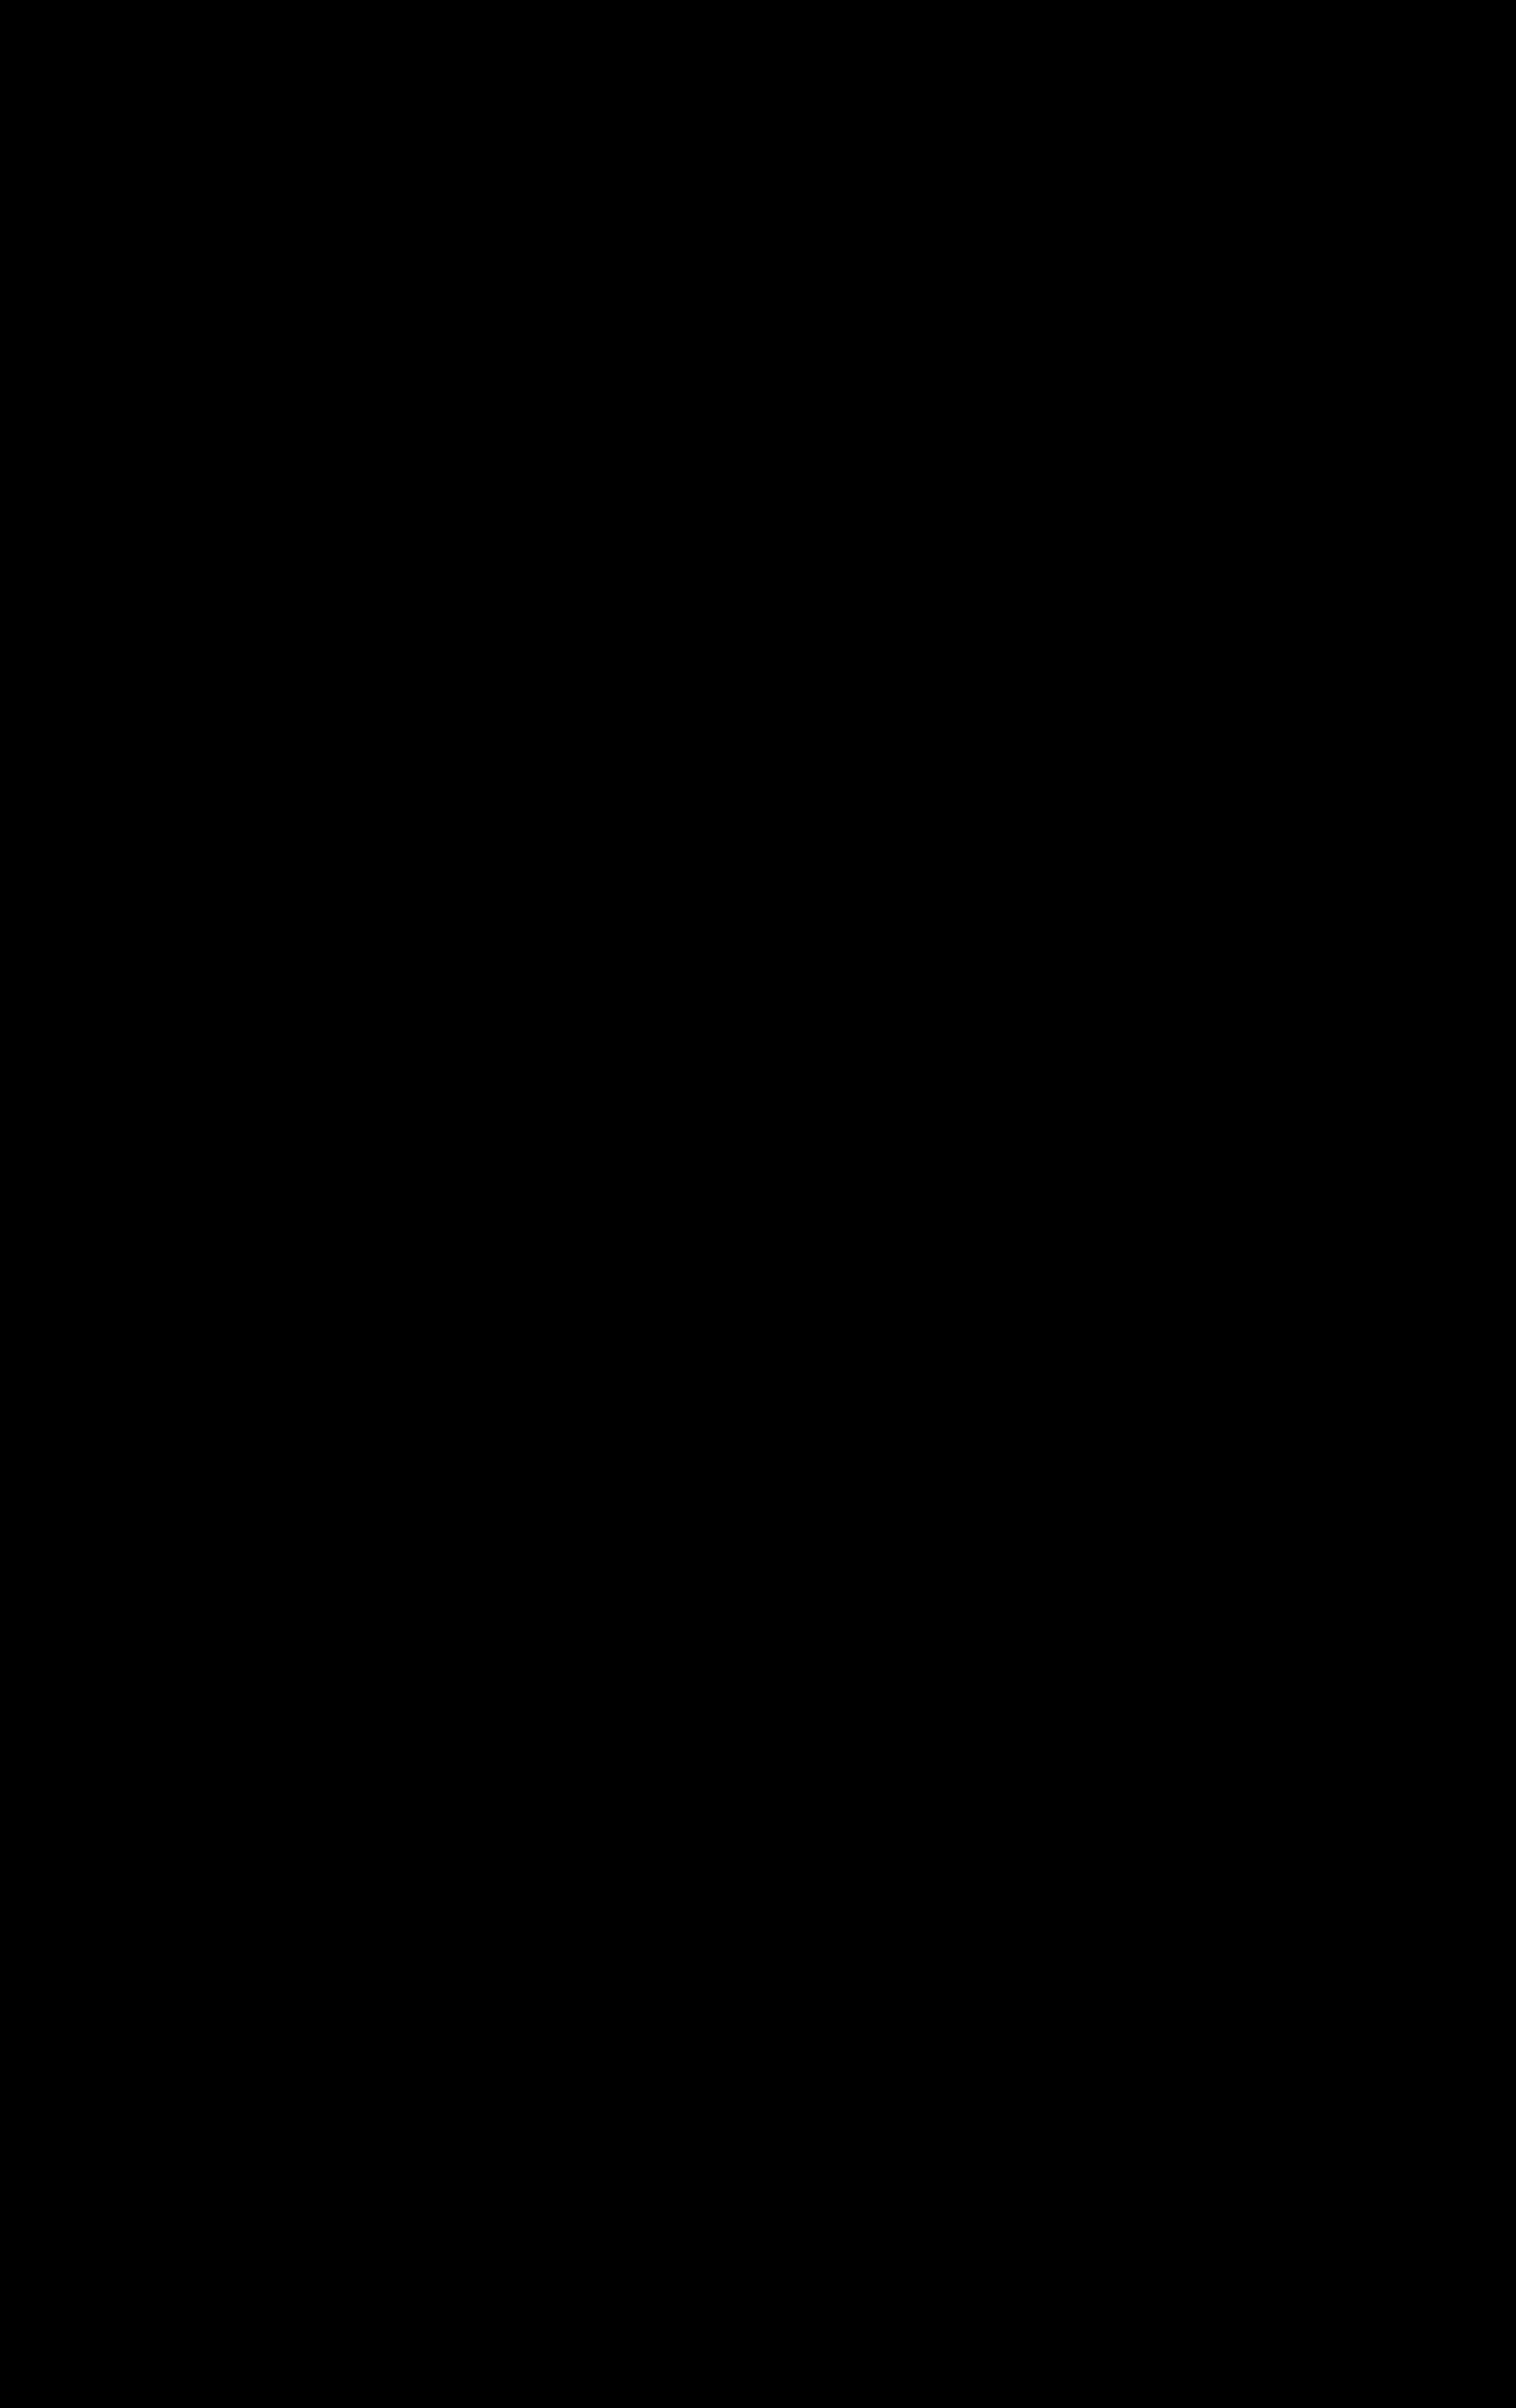 ไอคอนสยามสร้างความเชื่อมั่นให้วงการค้าปลีกขึ้นแท่น 1 ใน 4 ศูนย์การค้าที่ดีที่สุดในโลกบนเวที MIPIM Awards 2021 ครั้งแรกจากประเทศไทย